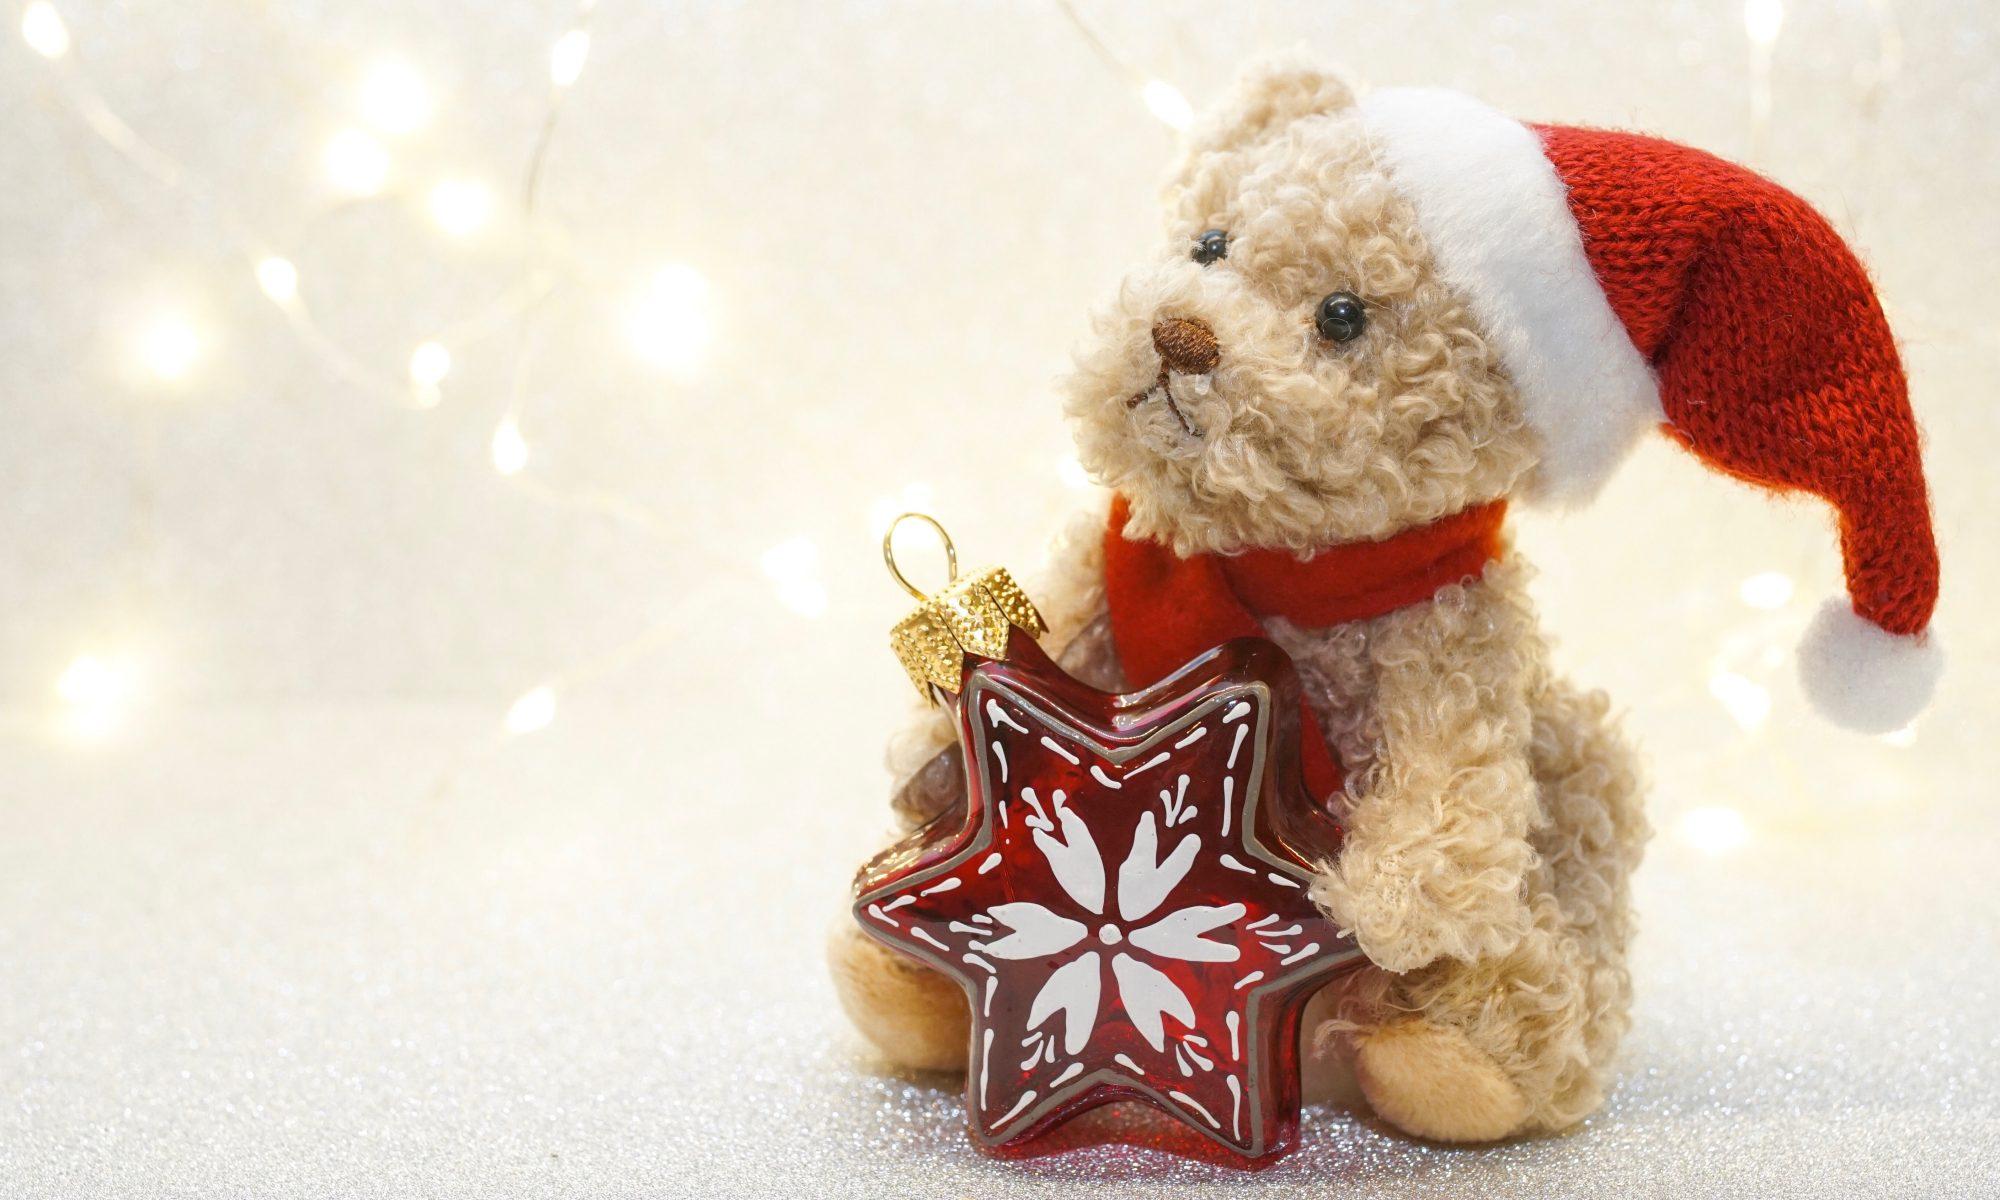 Fröhliche Weihnachten und ein frohes Neues Jahr!